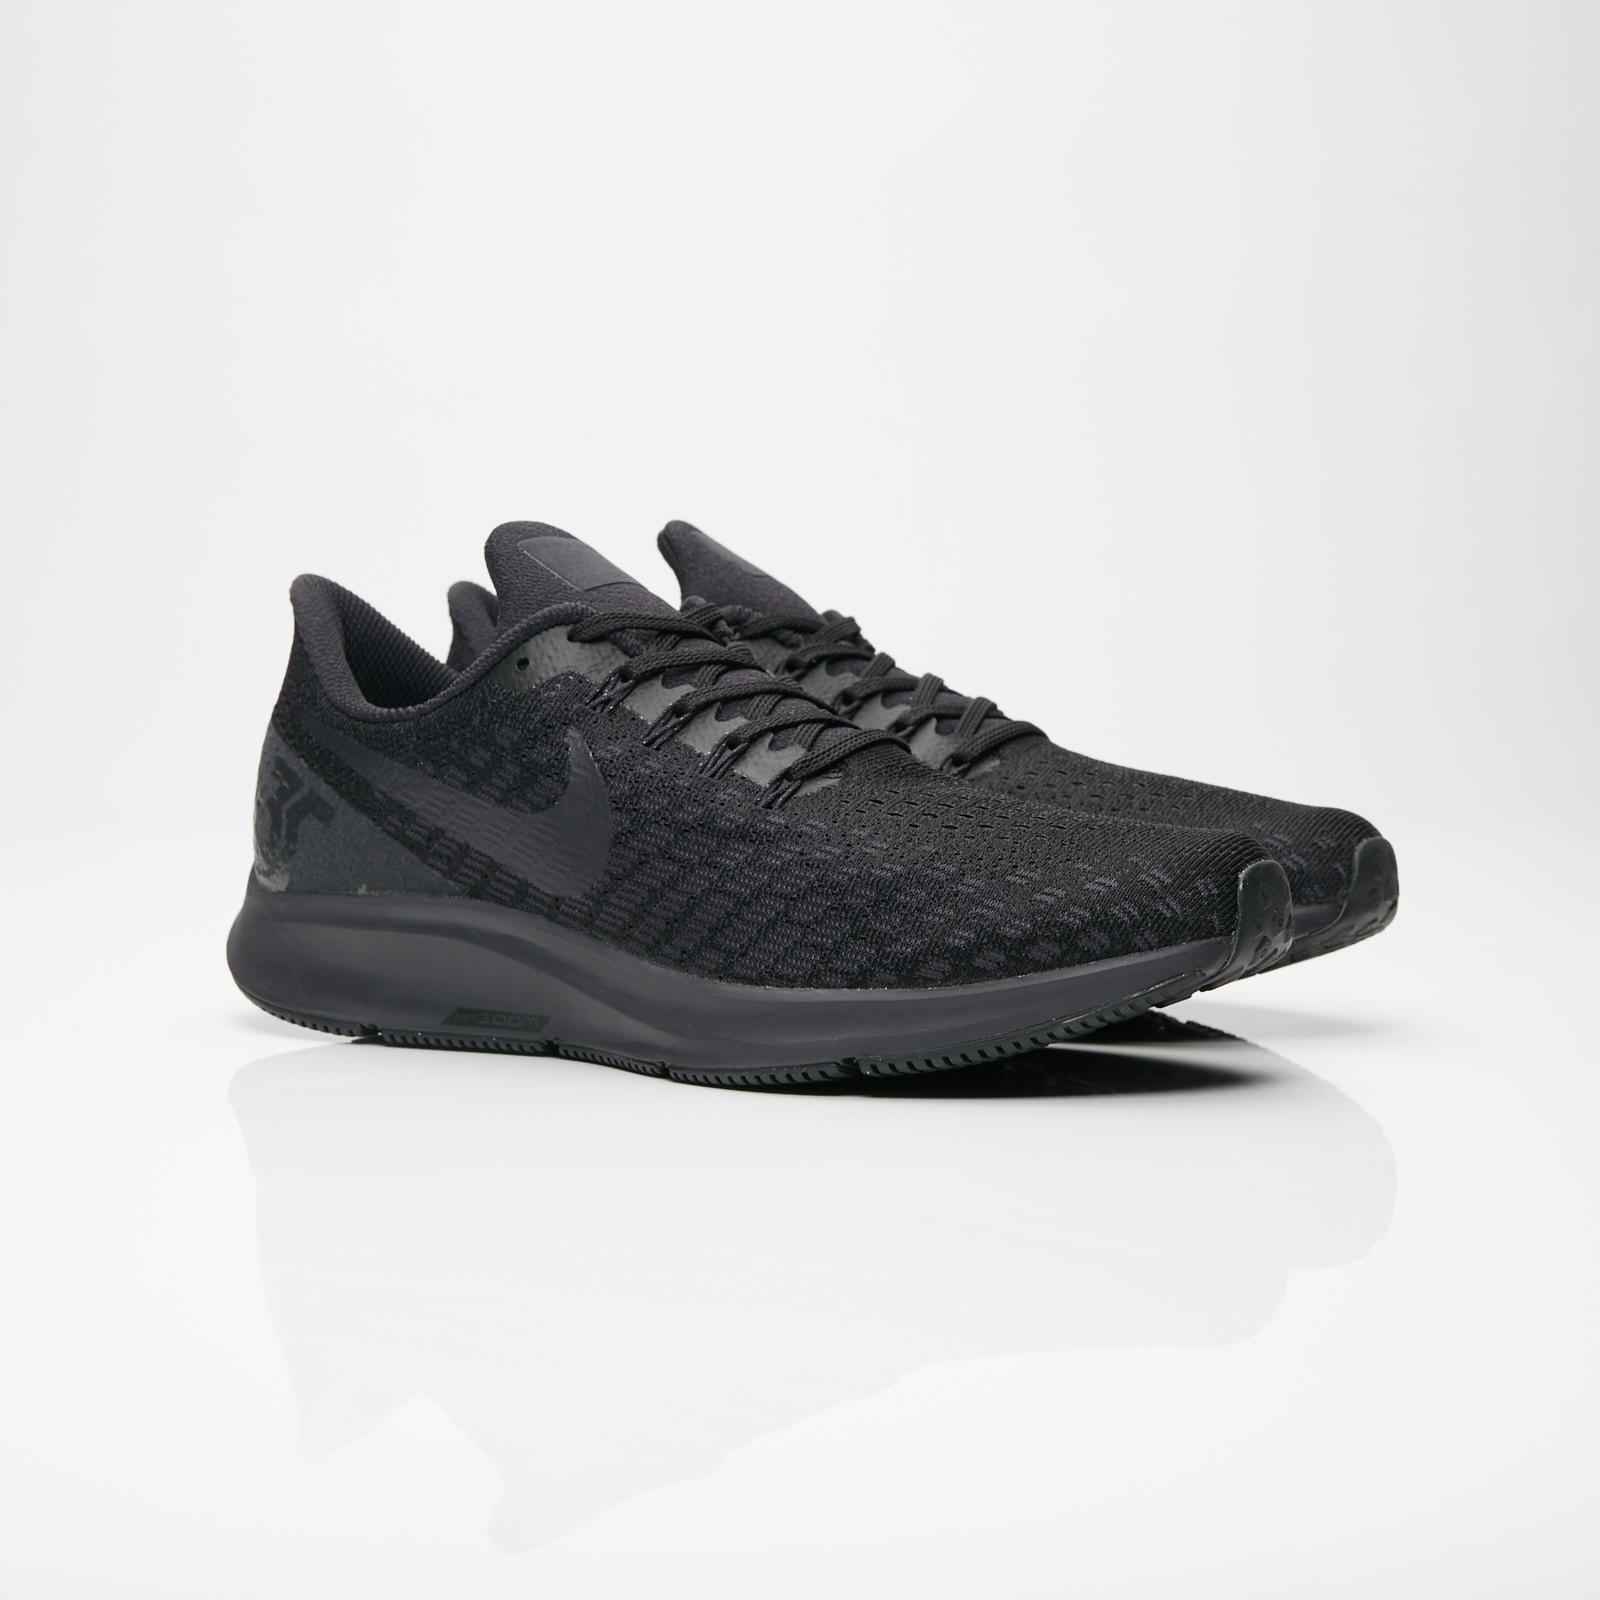 Nike Air Zoom Pegasus 35 - 942851-002 - Sneakersnstuff  bfef67e93c817